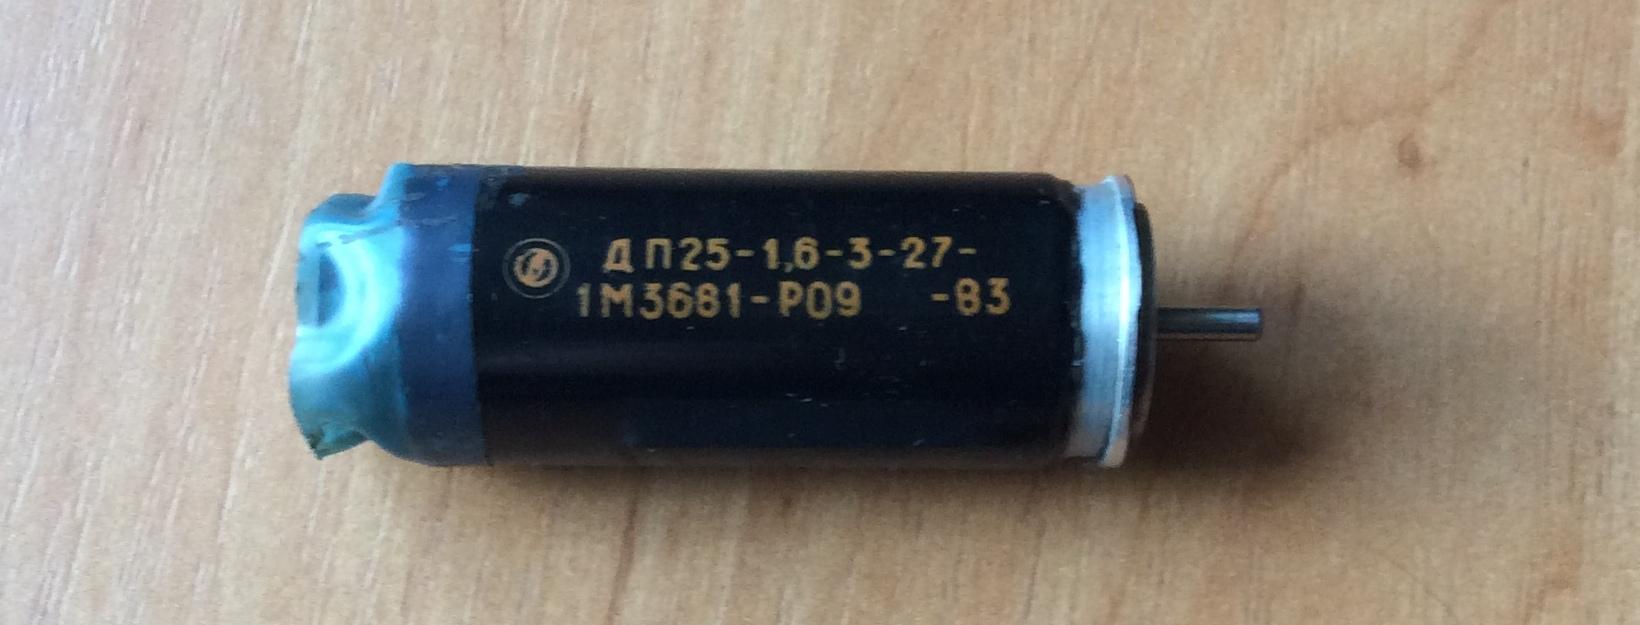 электродвигатель ДП25-1,6-3-27